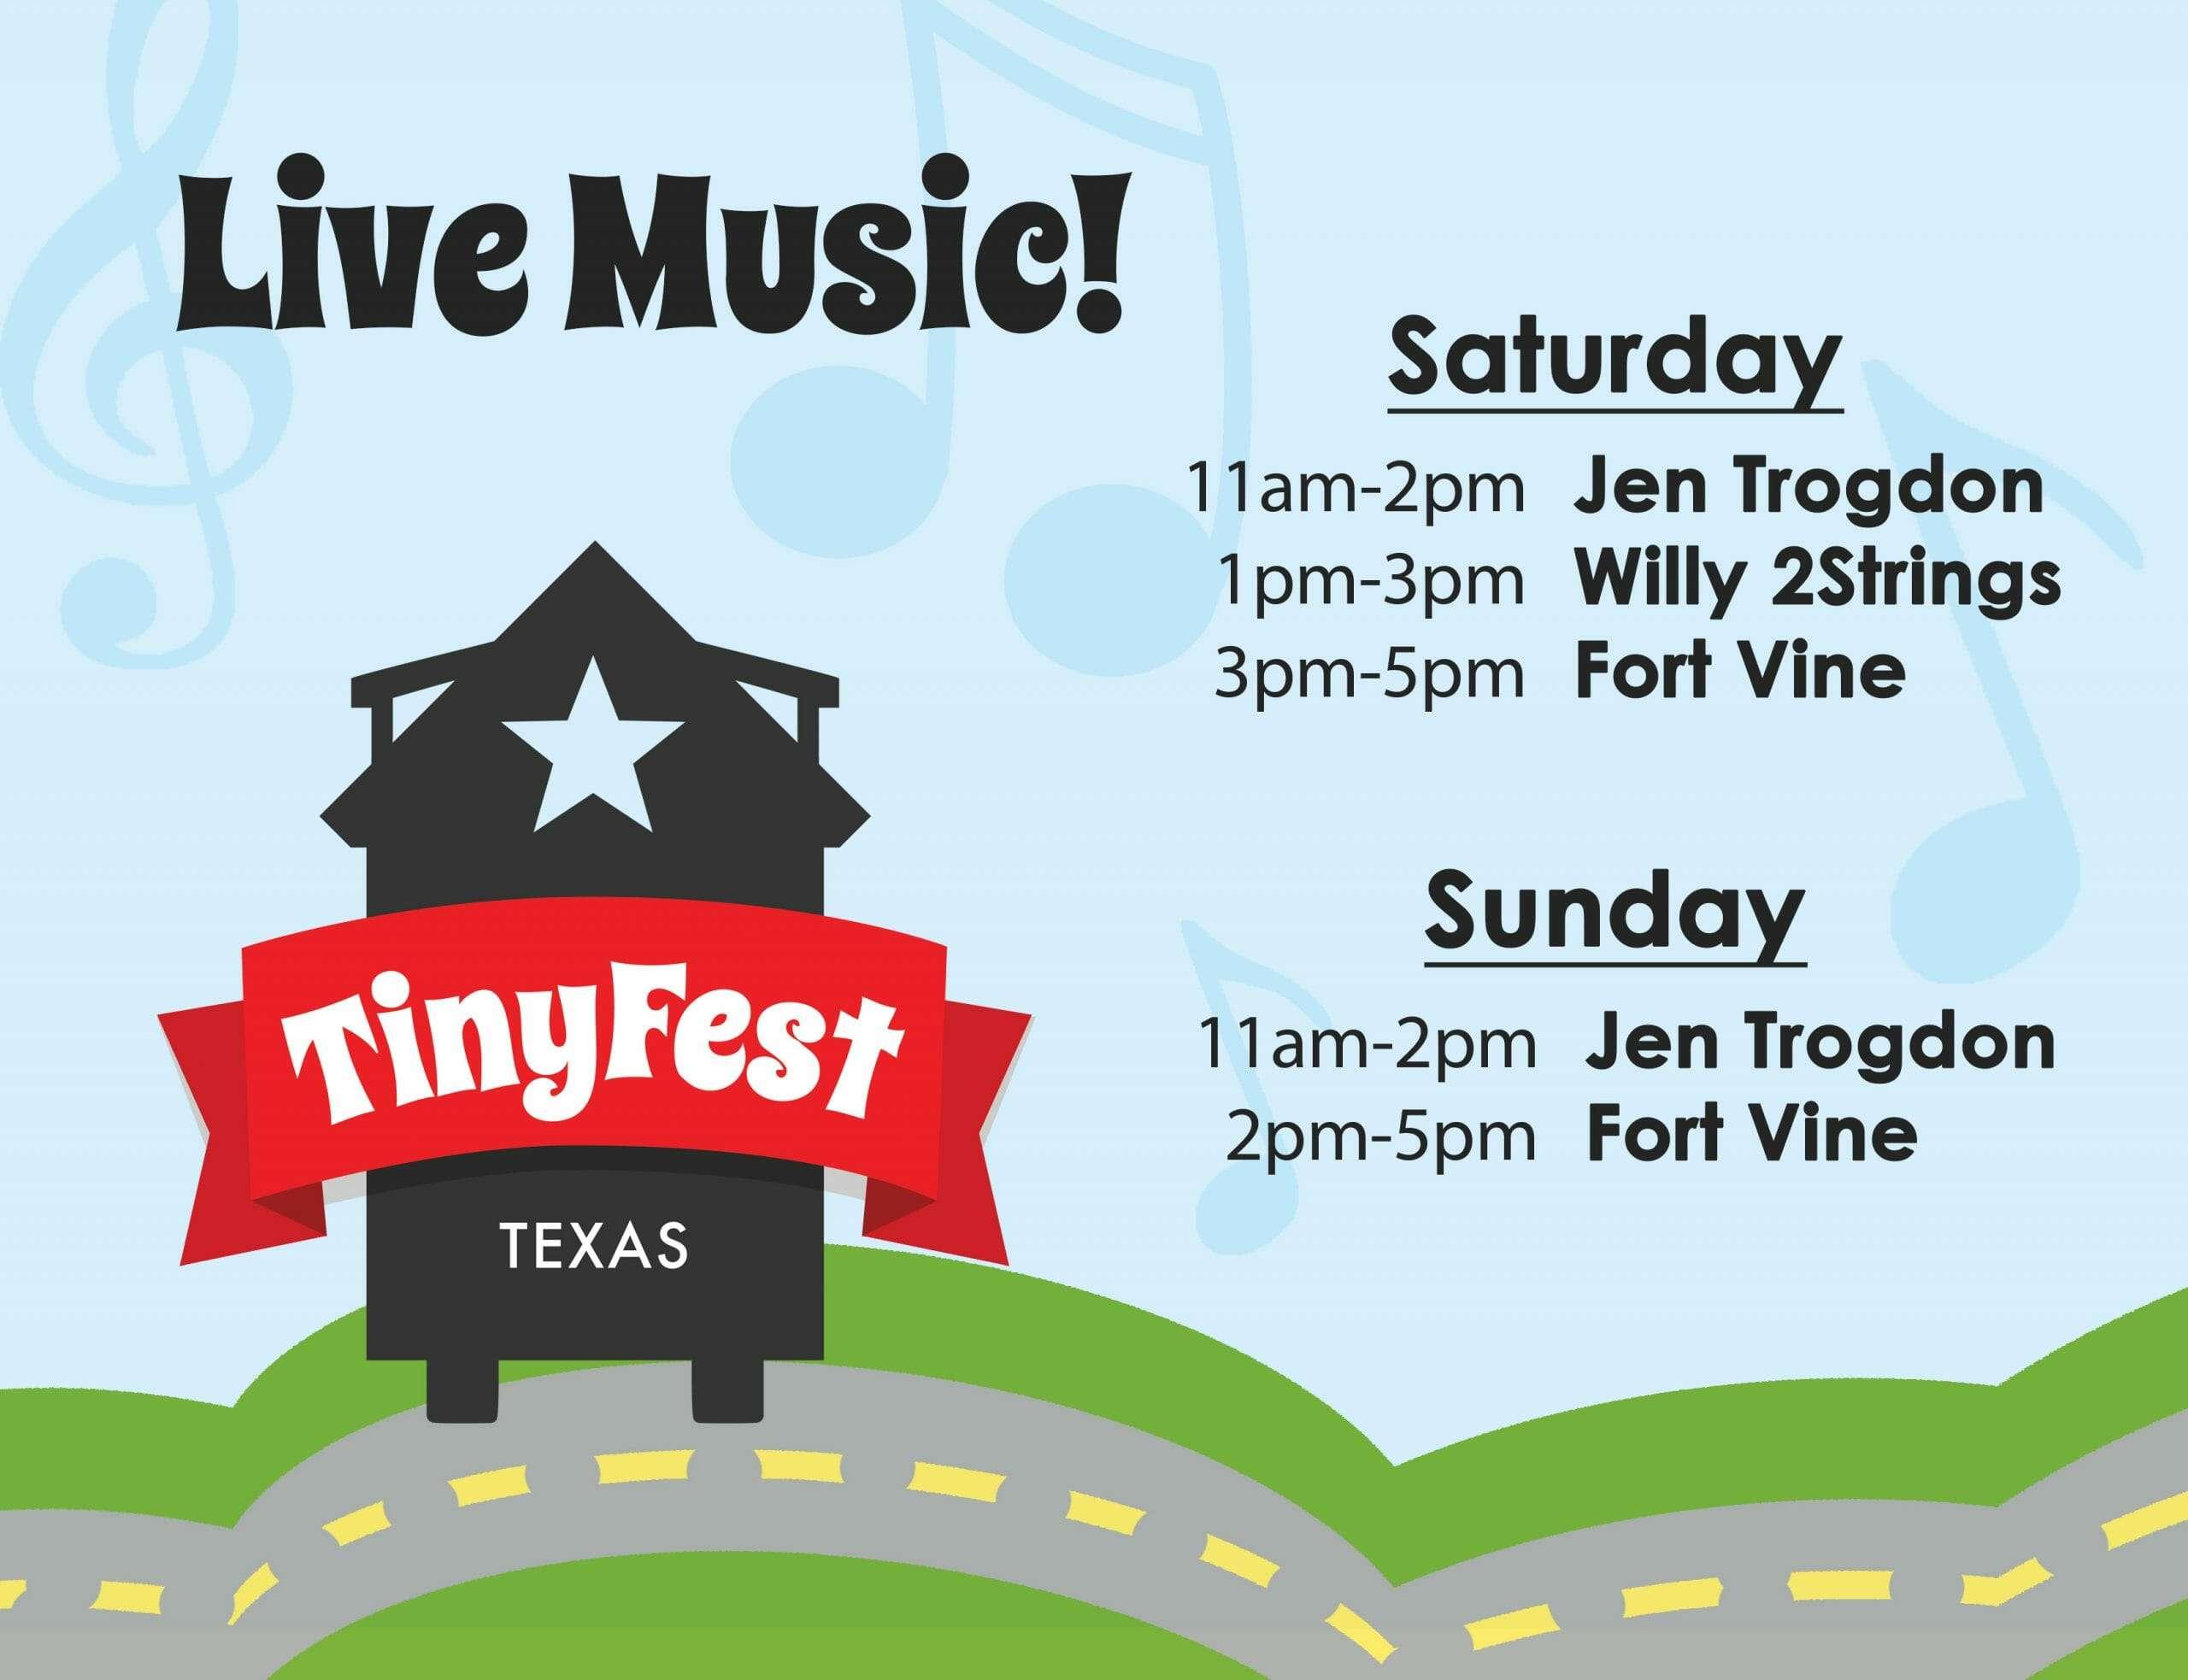 Live Music schedule in a cute graphic